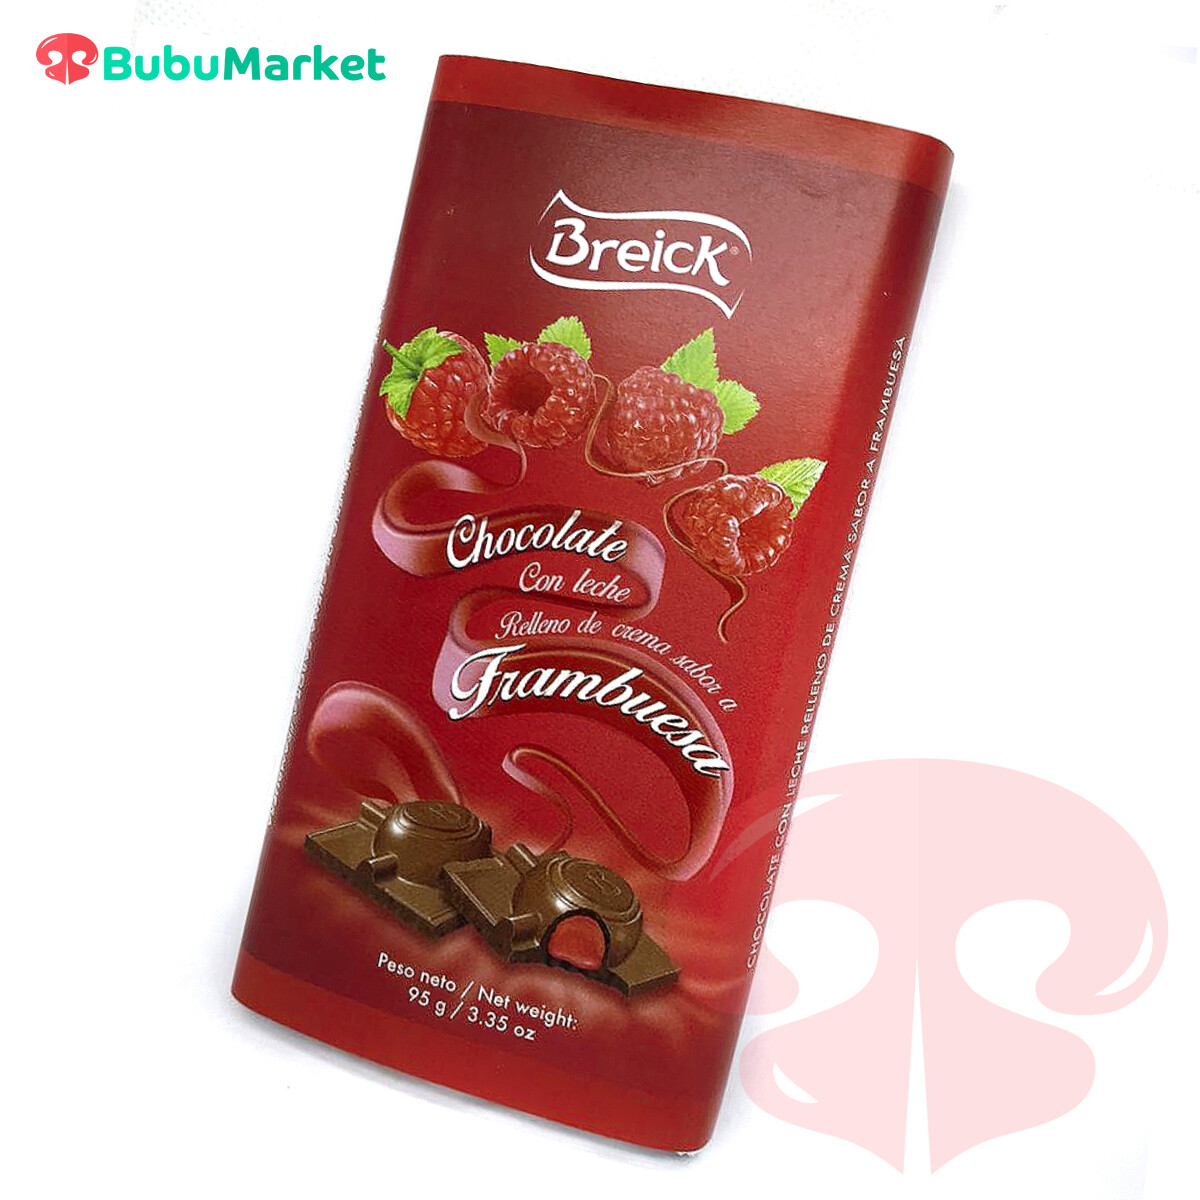 CHOCOLATE CON LECHE RELLENO DE CREMA SABOR A FRAMBUESA BREICK TABLETA 95 GR.